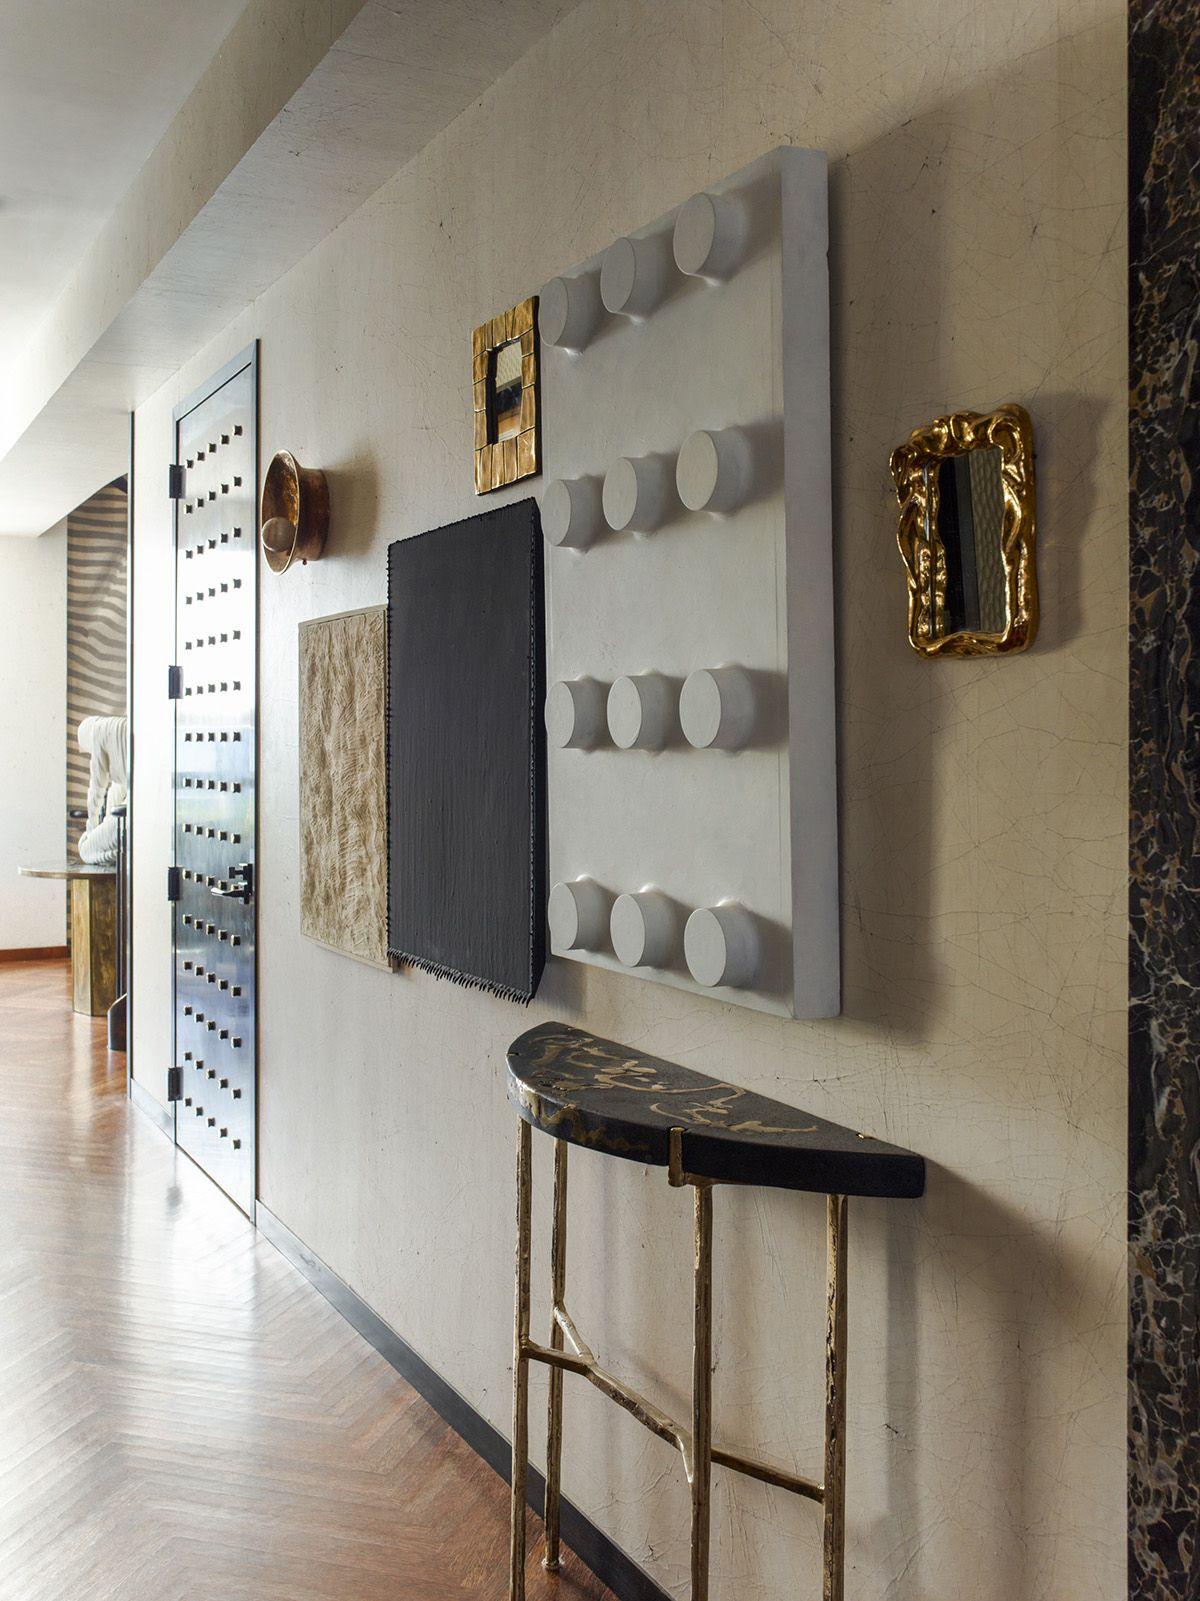 Kelly Wearstler - Interiors Blodgett Residence, New York